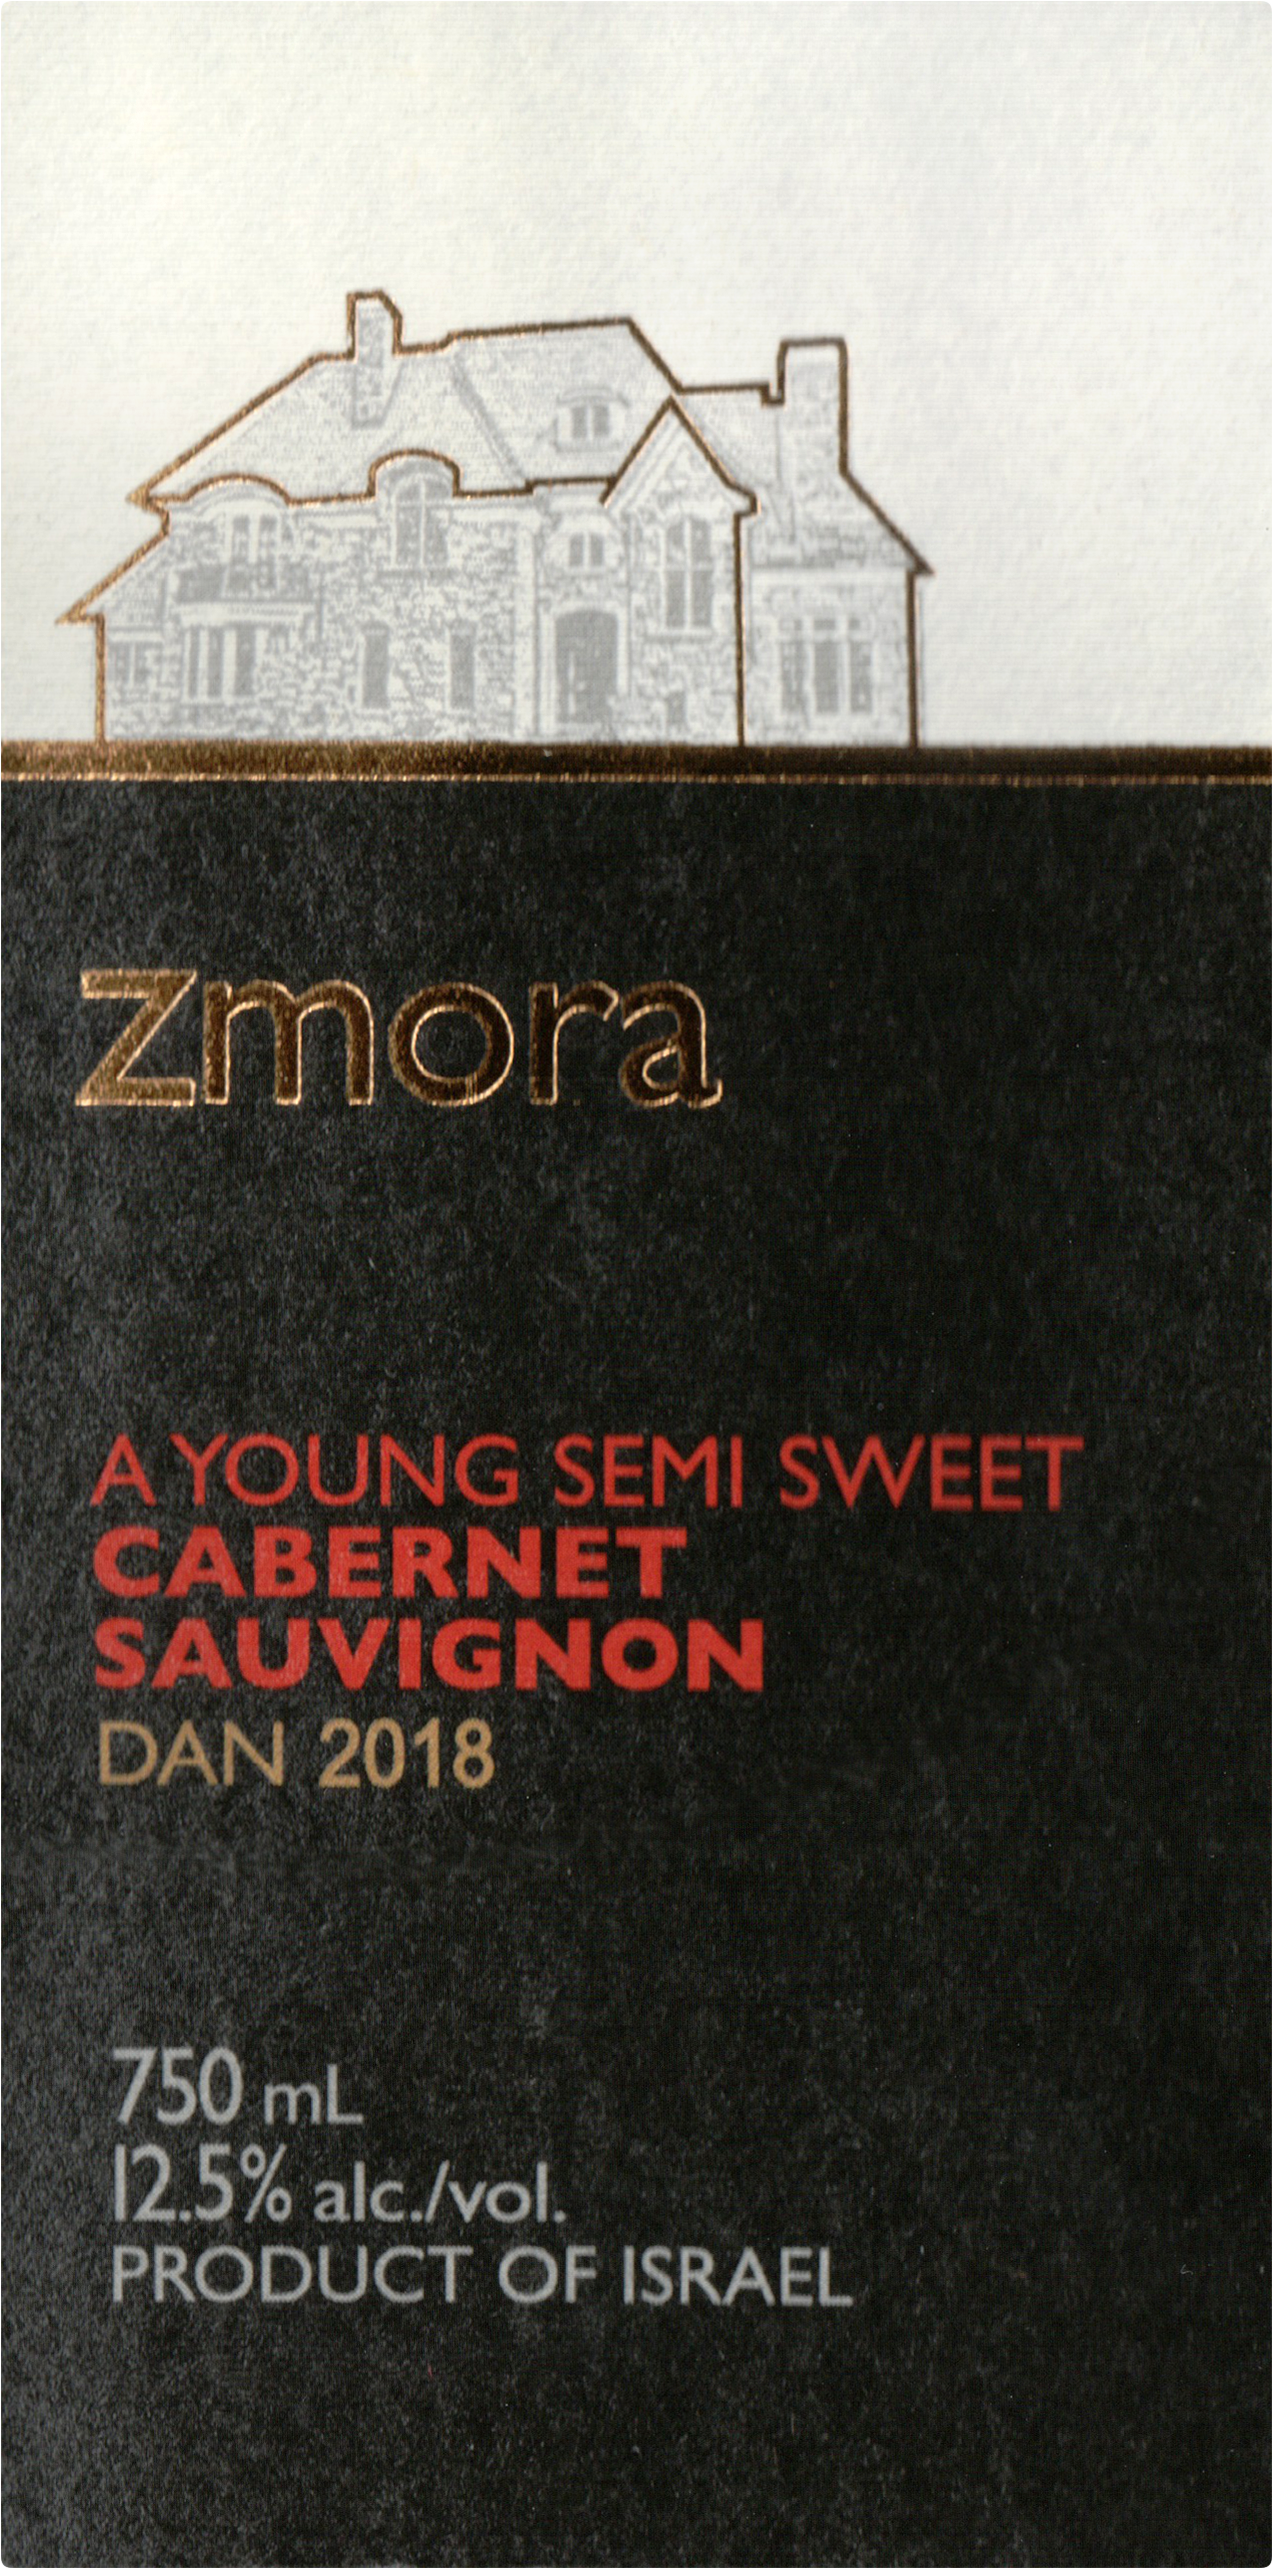 Zmora Semi Sweet Cabernet Sauvignon 2018